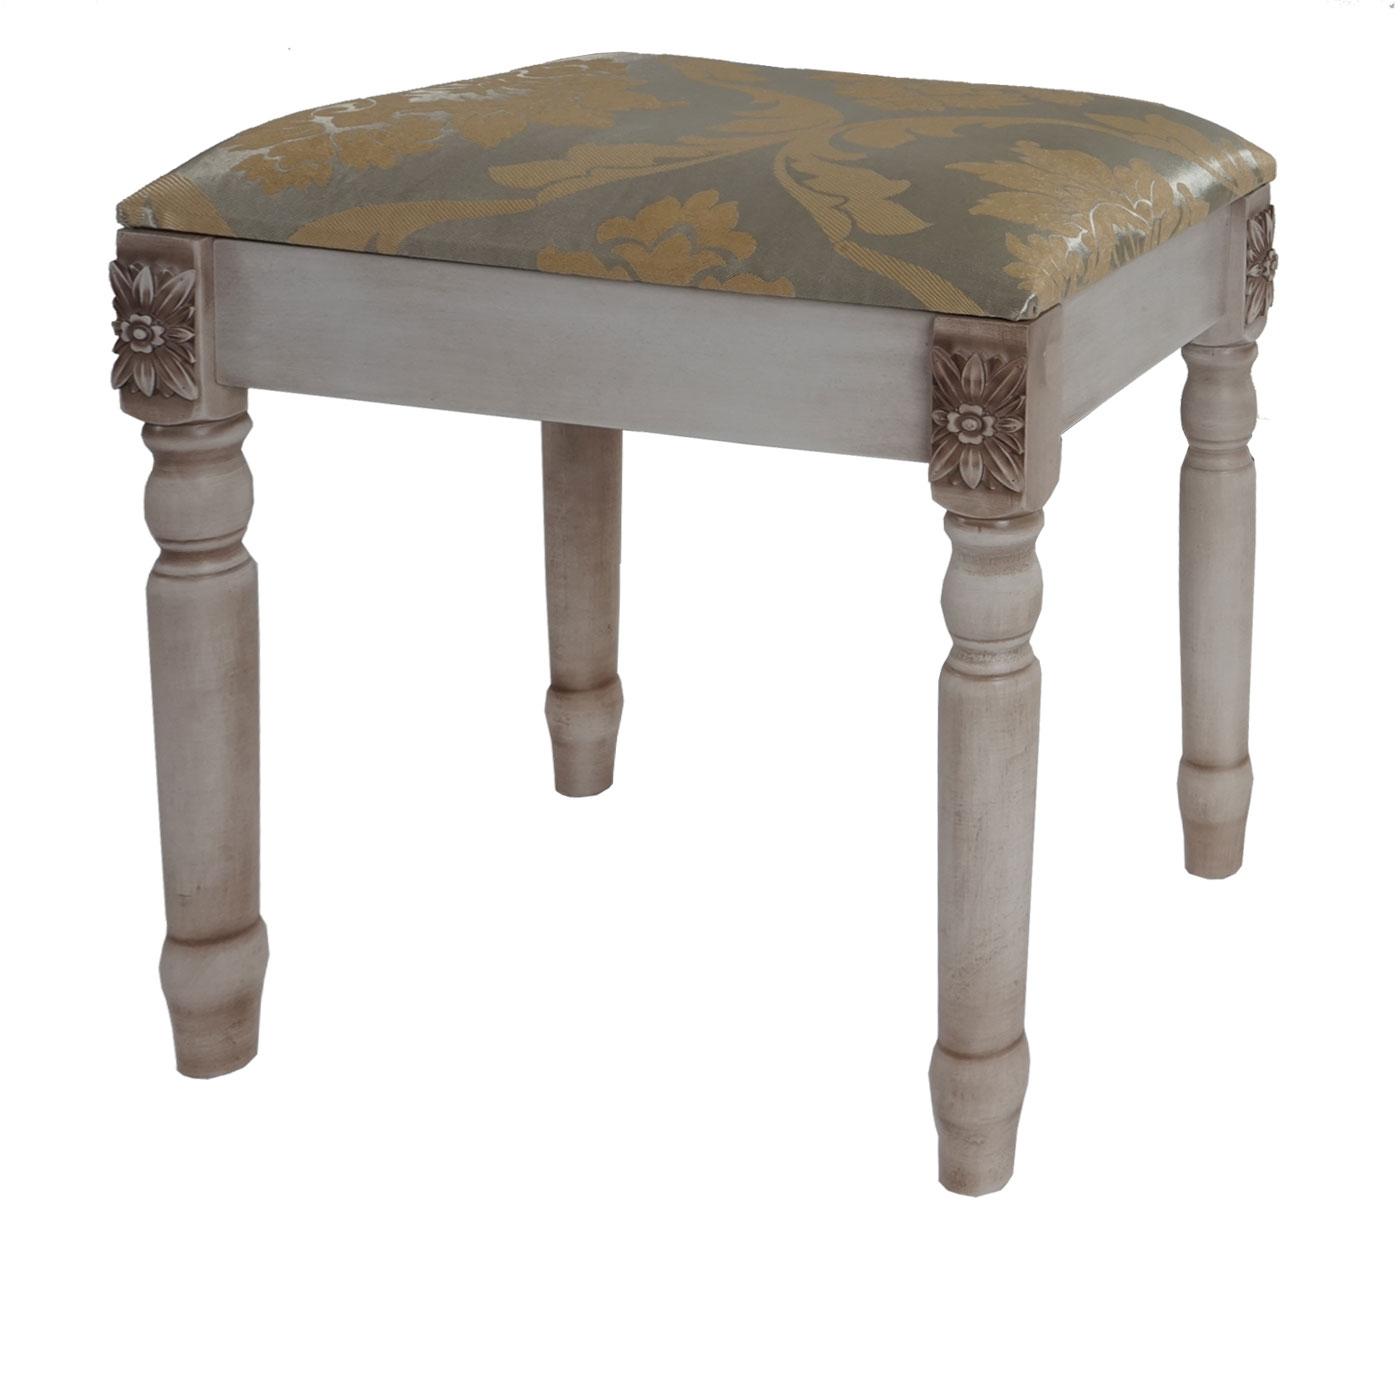 table de maquillage gela t434 table avec tabouret 140x77x42cm blanc antique ebay. Black Bedroom Furniture Sets. Home Design Ideas